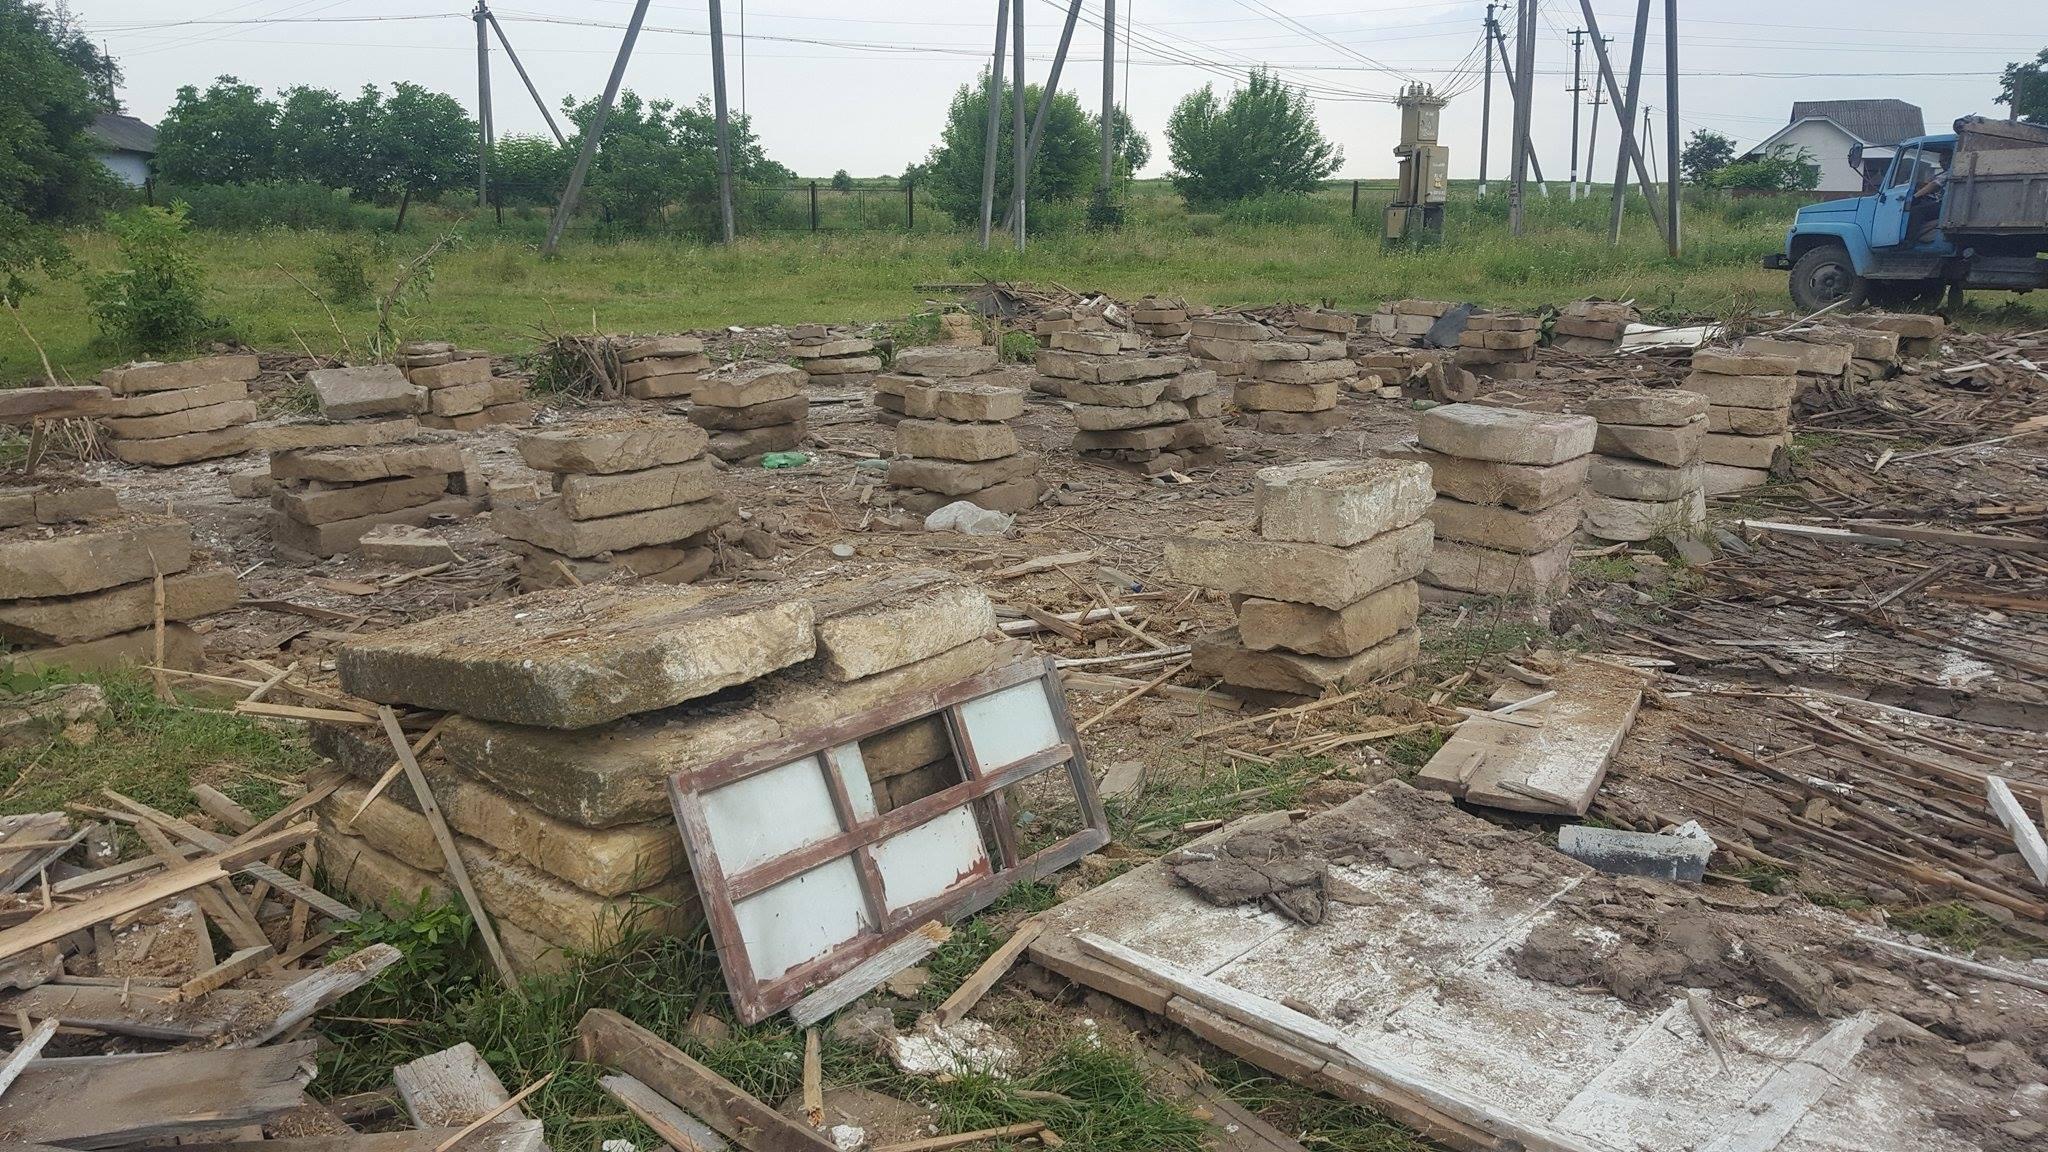 19401589_186096154755m wyzwolone macejwy spod komory wywioza na cmentarza